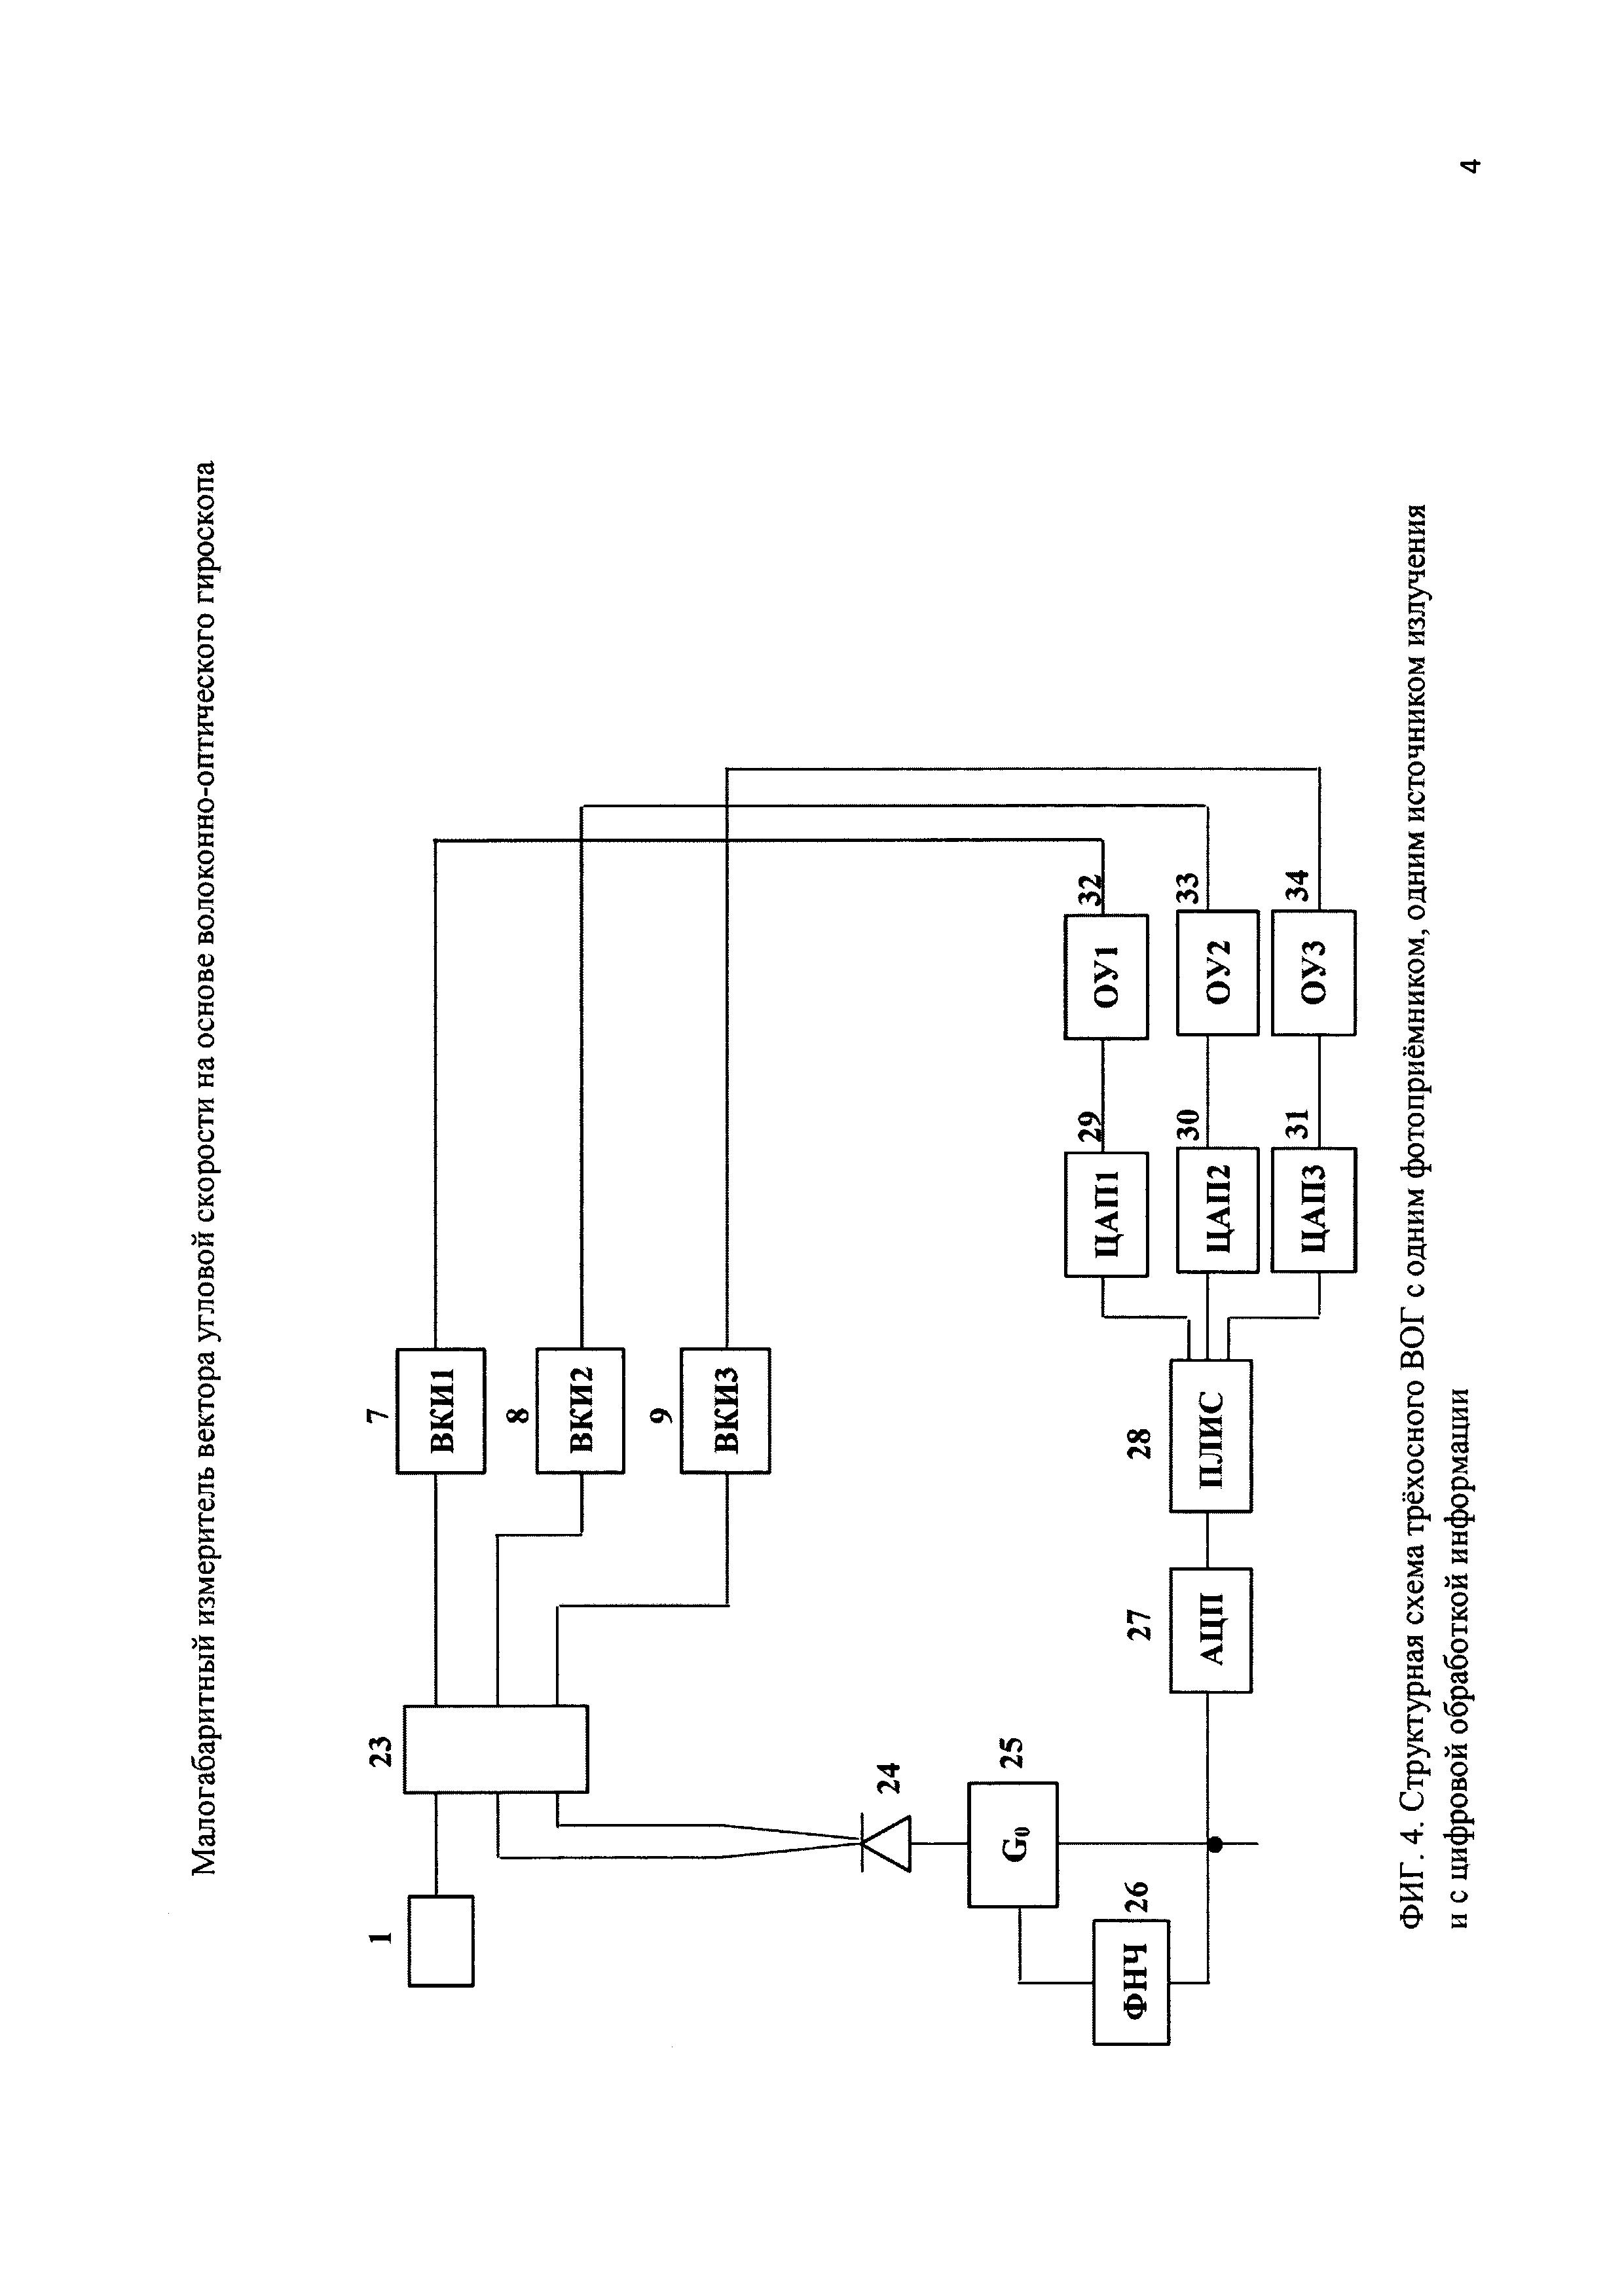 Малогабаритный измеритель вектора угловой скорости на основе волоконно-оптического гироскопа